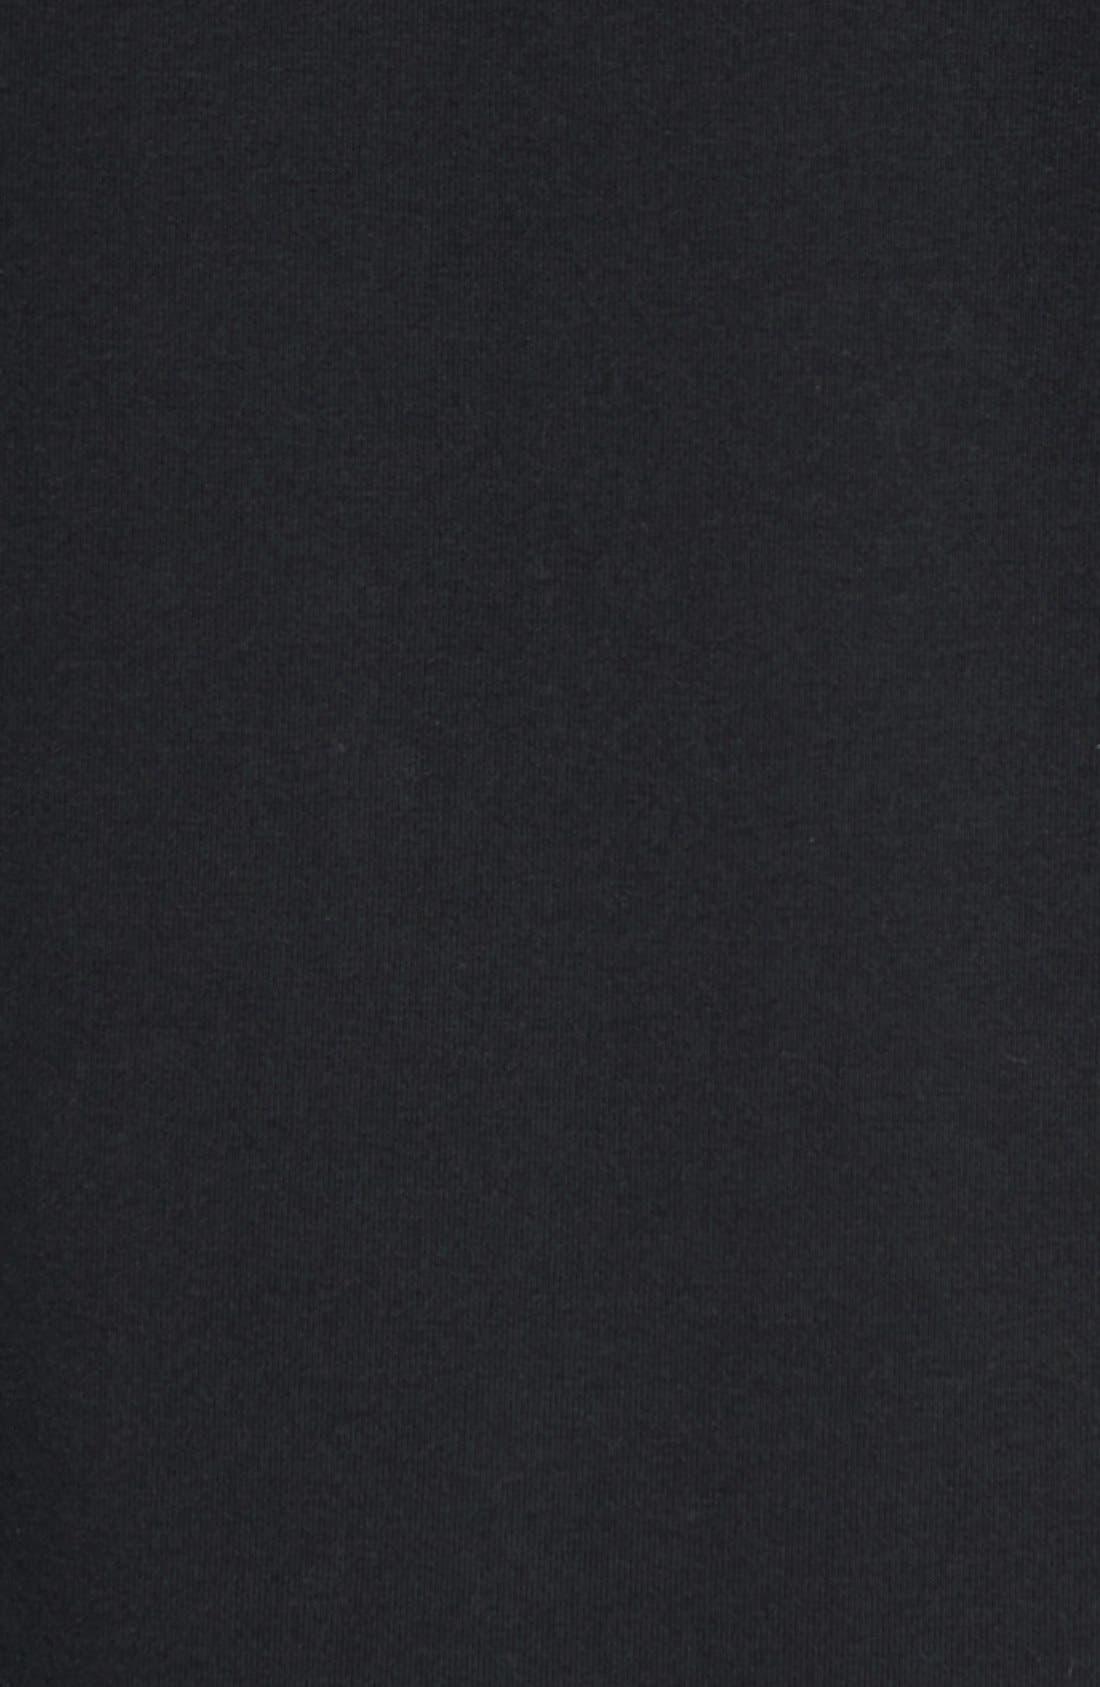 'Windrunner' Tech Fleece Hoodie,                             Alternate thumbnail 6, color,                             BLACK/ BLACK